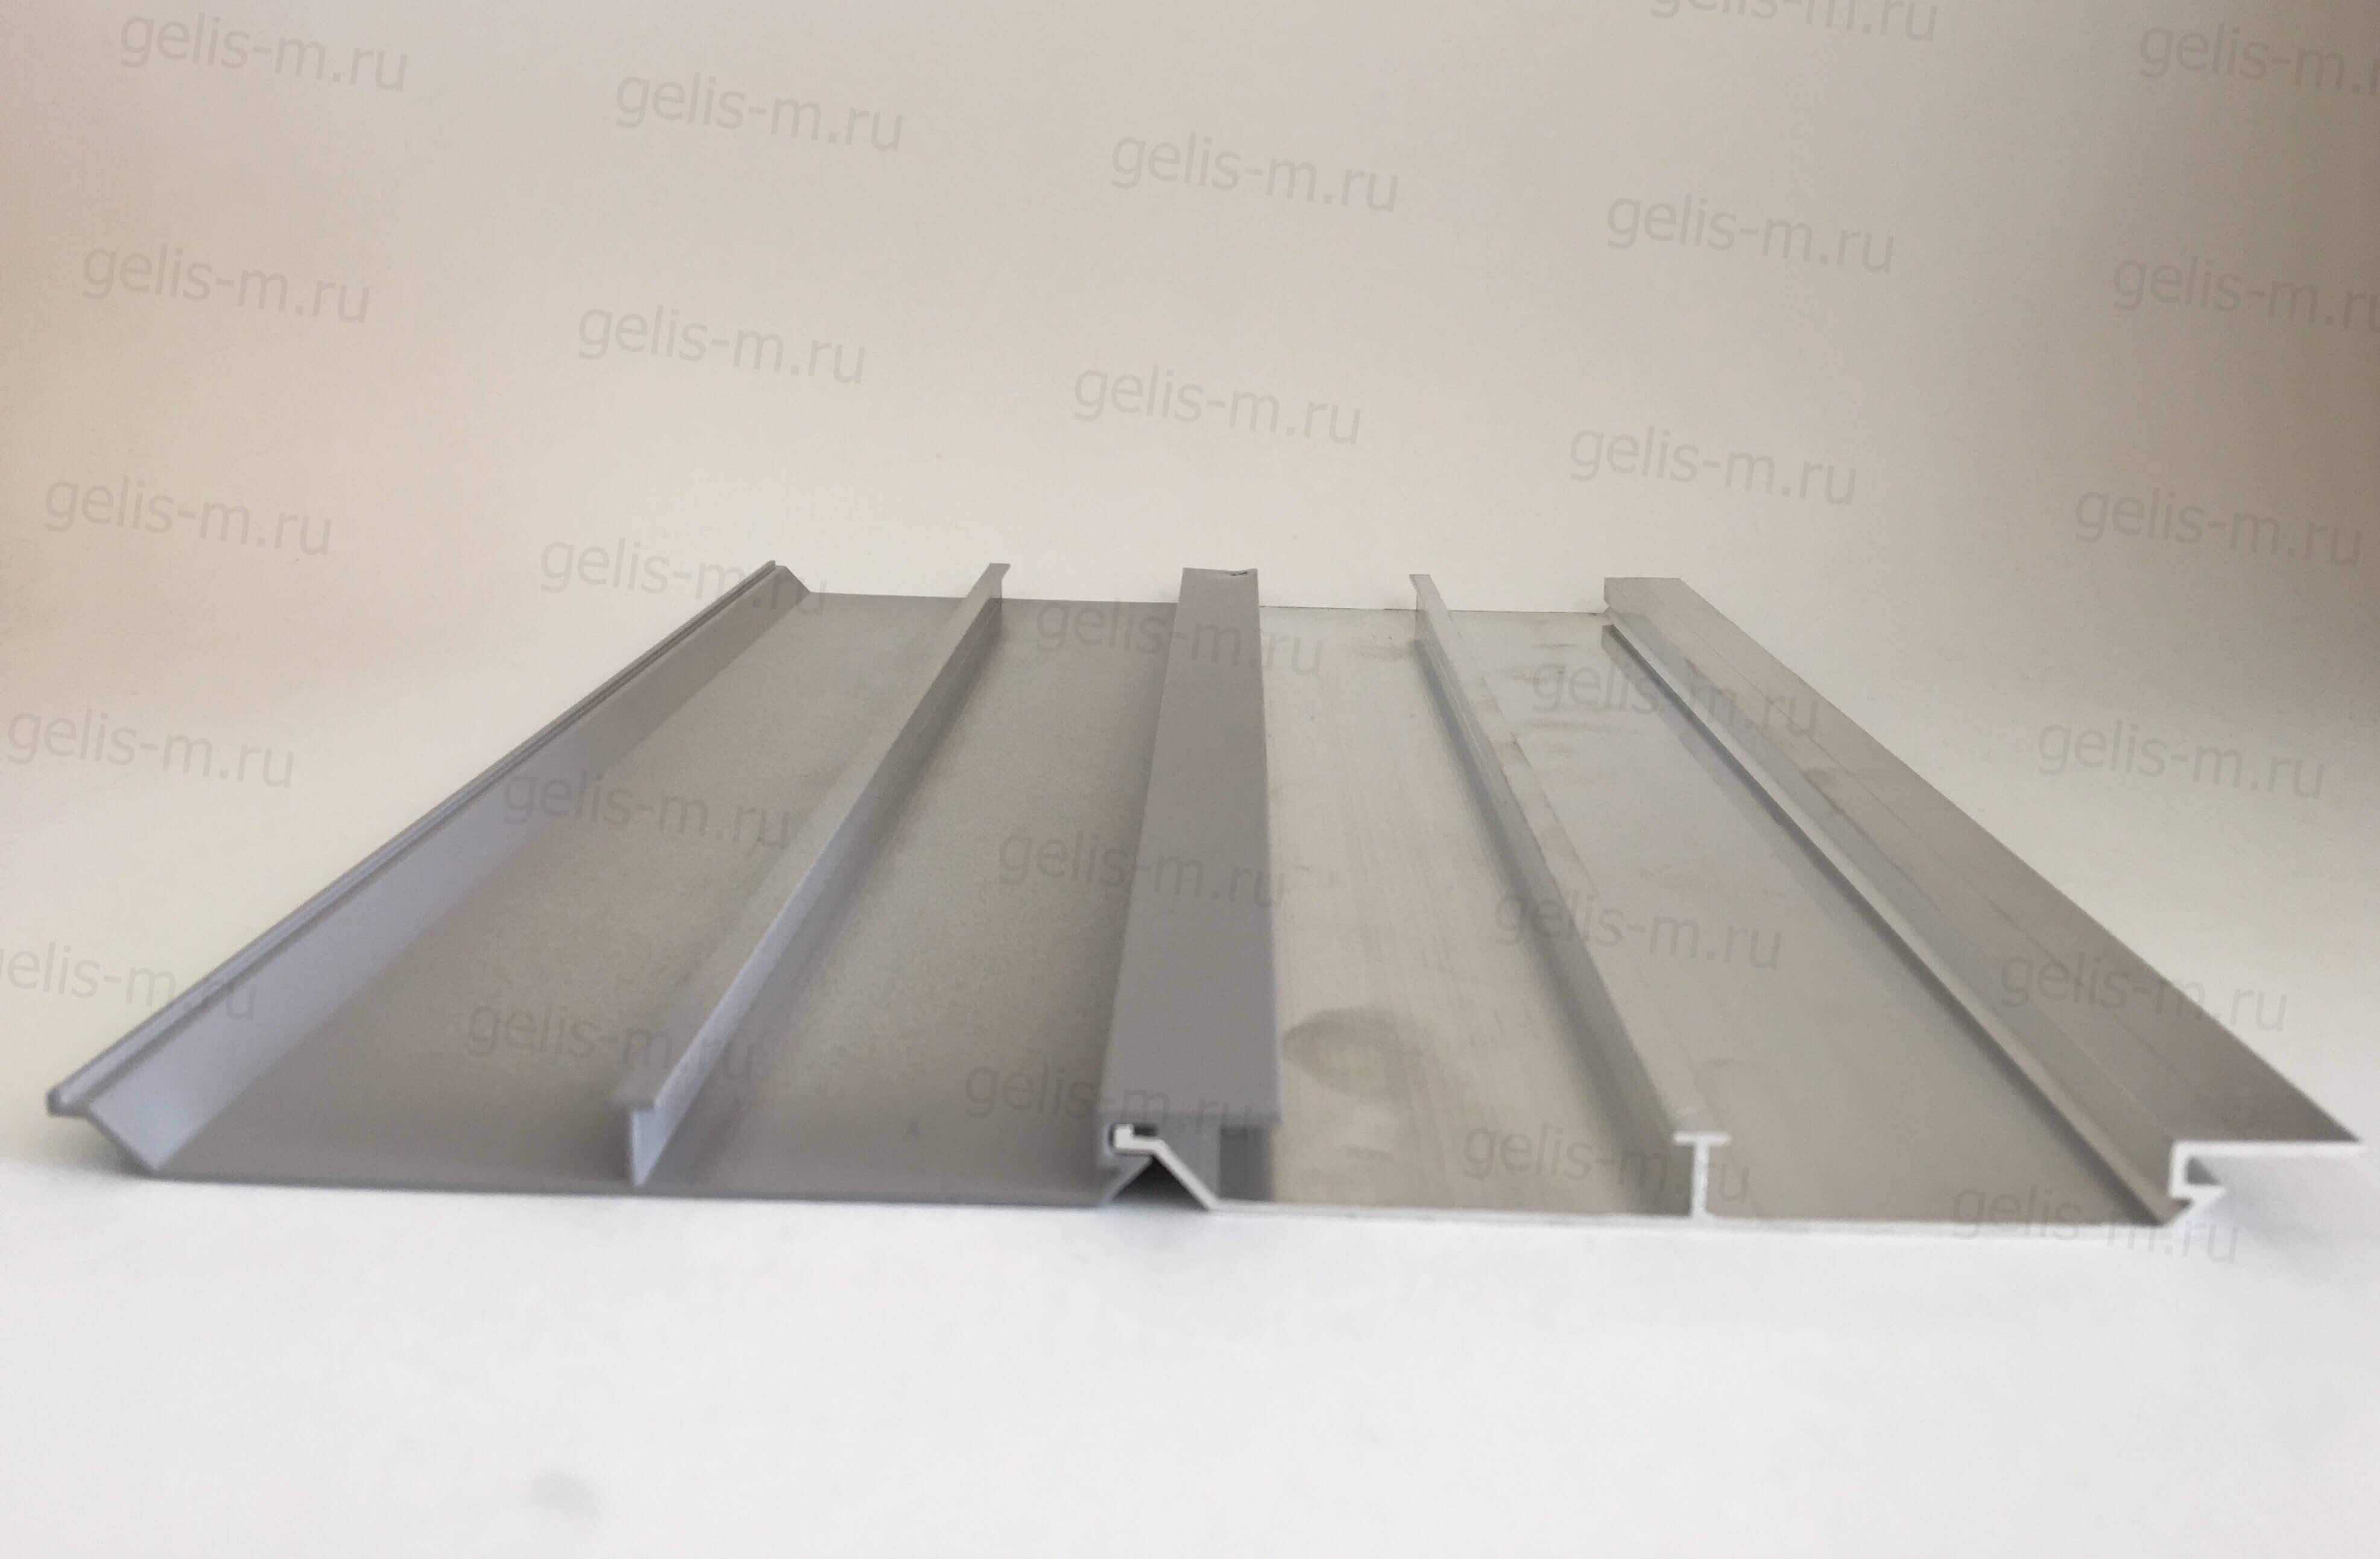 Вагонка алюминиевая геометрия изделия